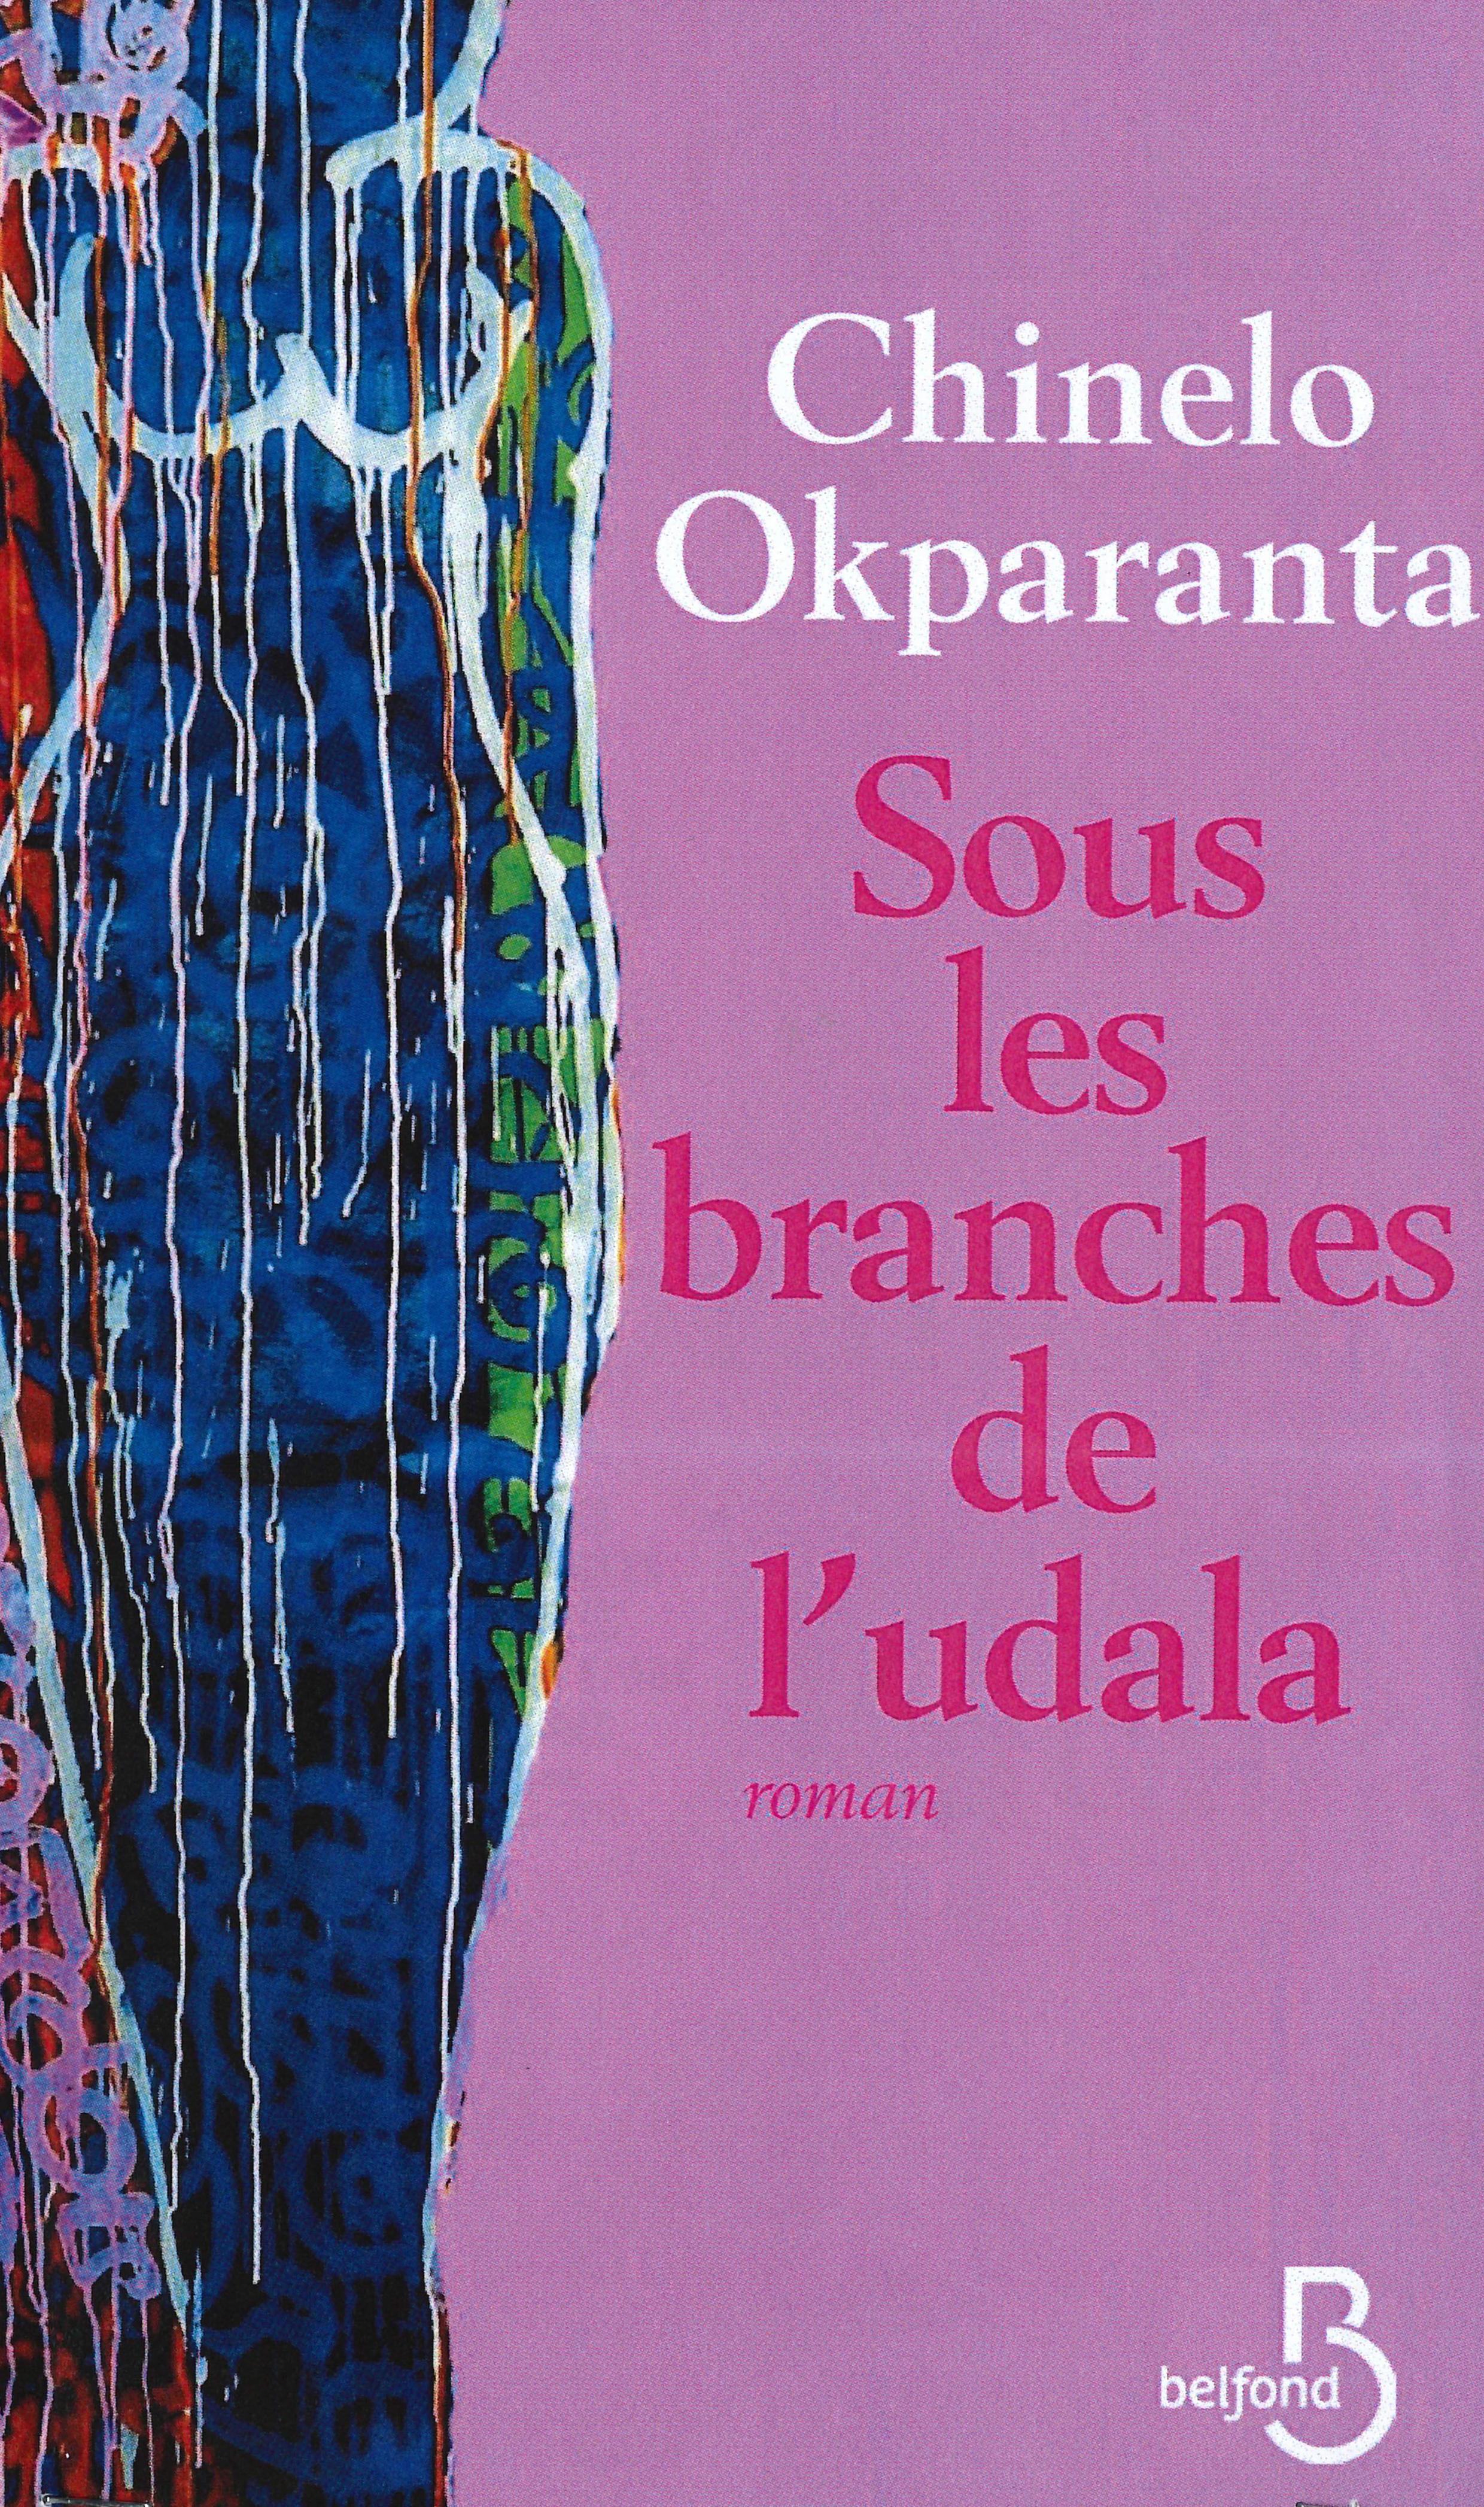 Sous les branches de l'udala est le premier roman de la Nigériane Chinelo Okparanta.